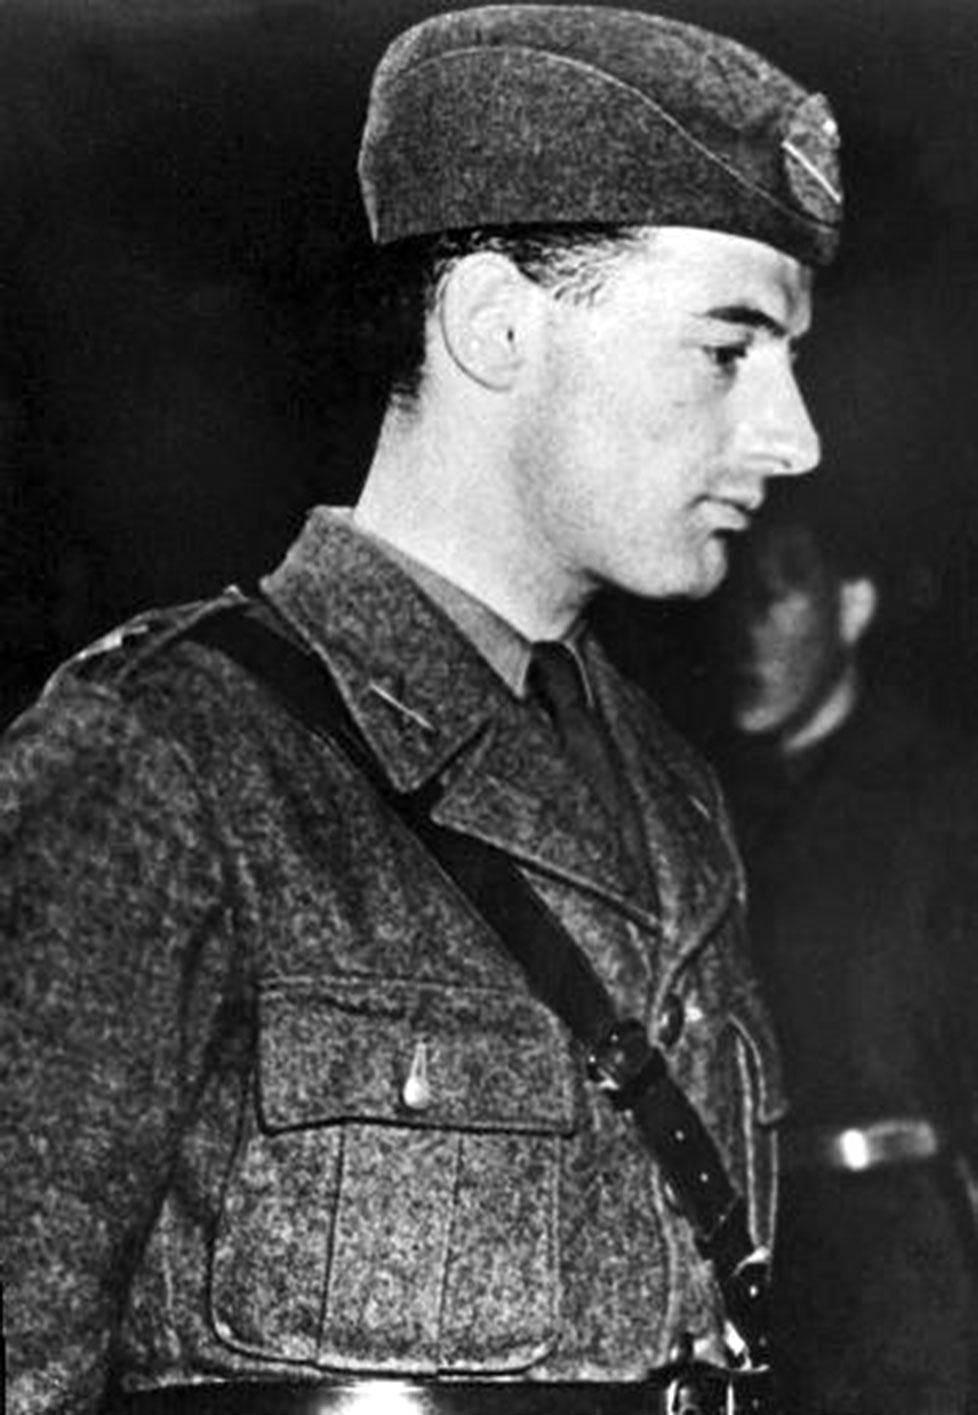 Raoul Wallenbergin toiminta pelasti tuhansia ihmishenkiä.